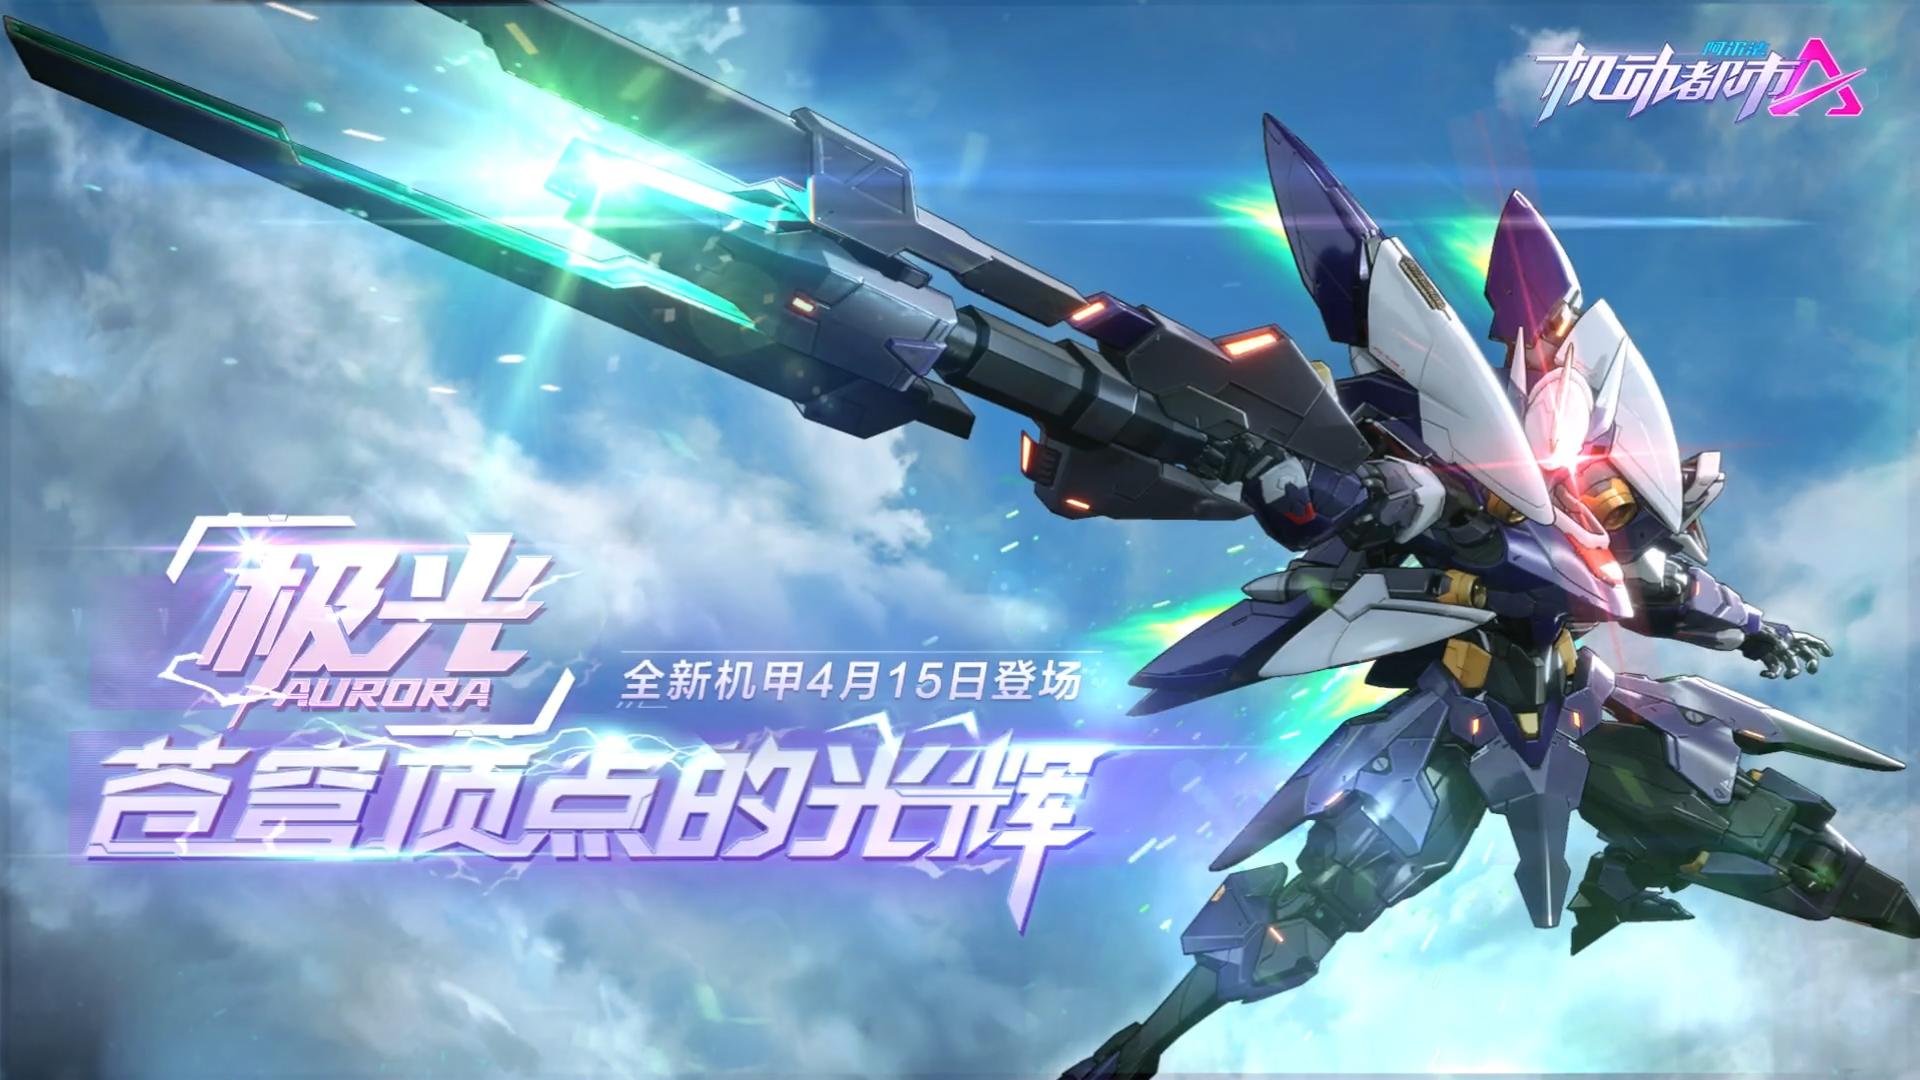 【4月15日不停机维护公告】全新机甲「极光」来袭!